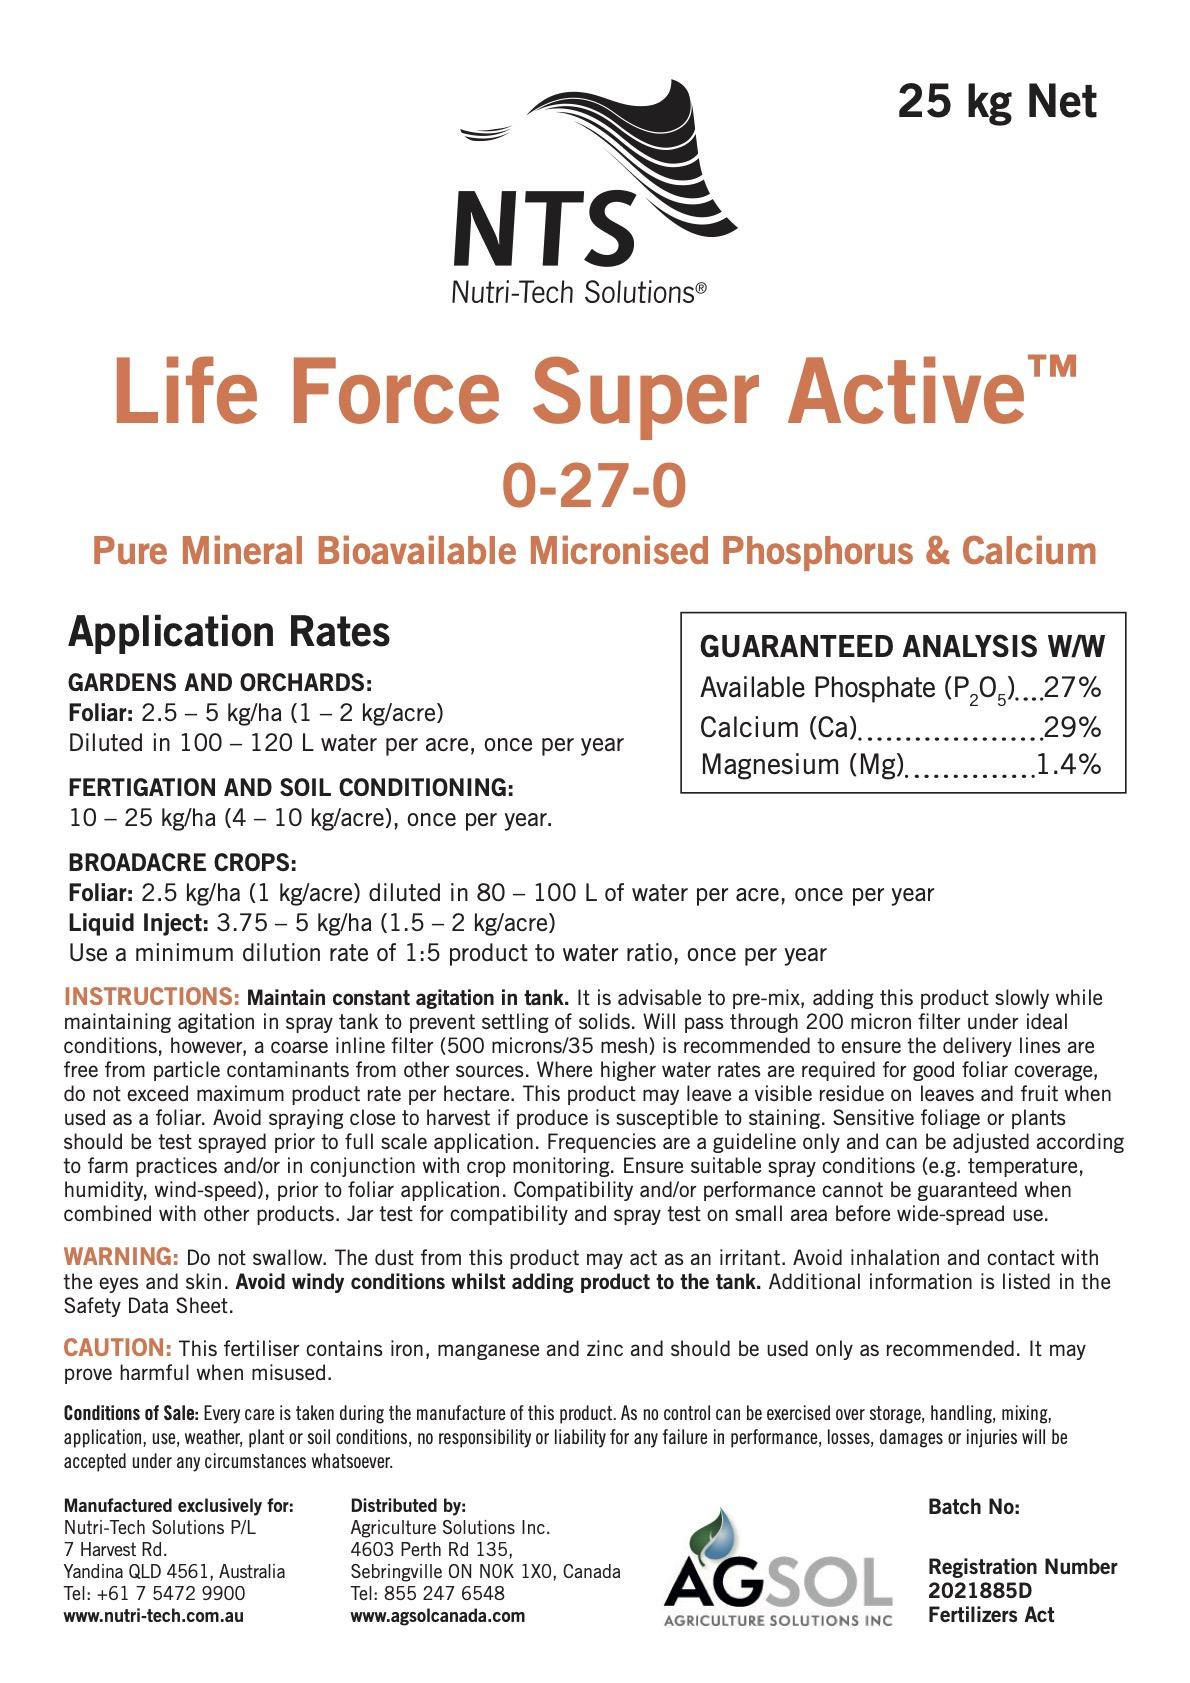 NTS Life Force Super Active 0-27-0